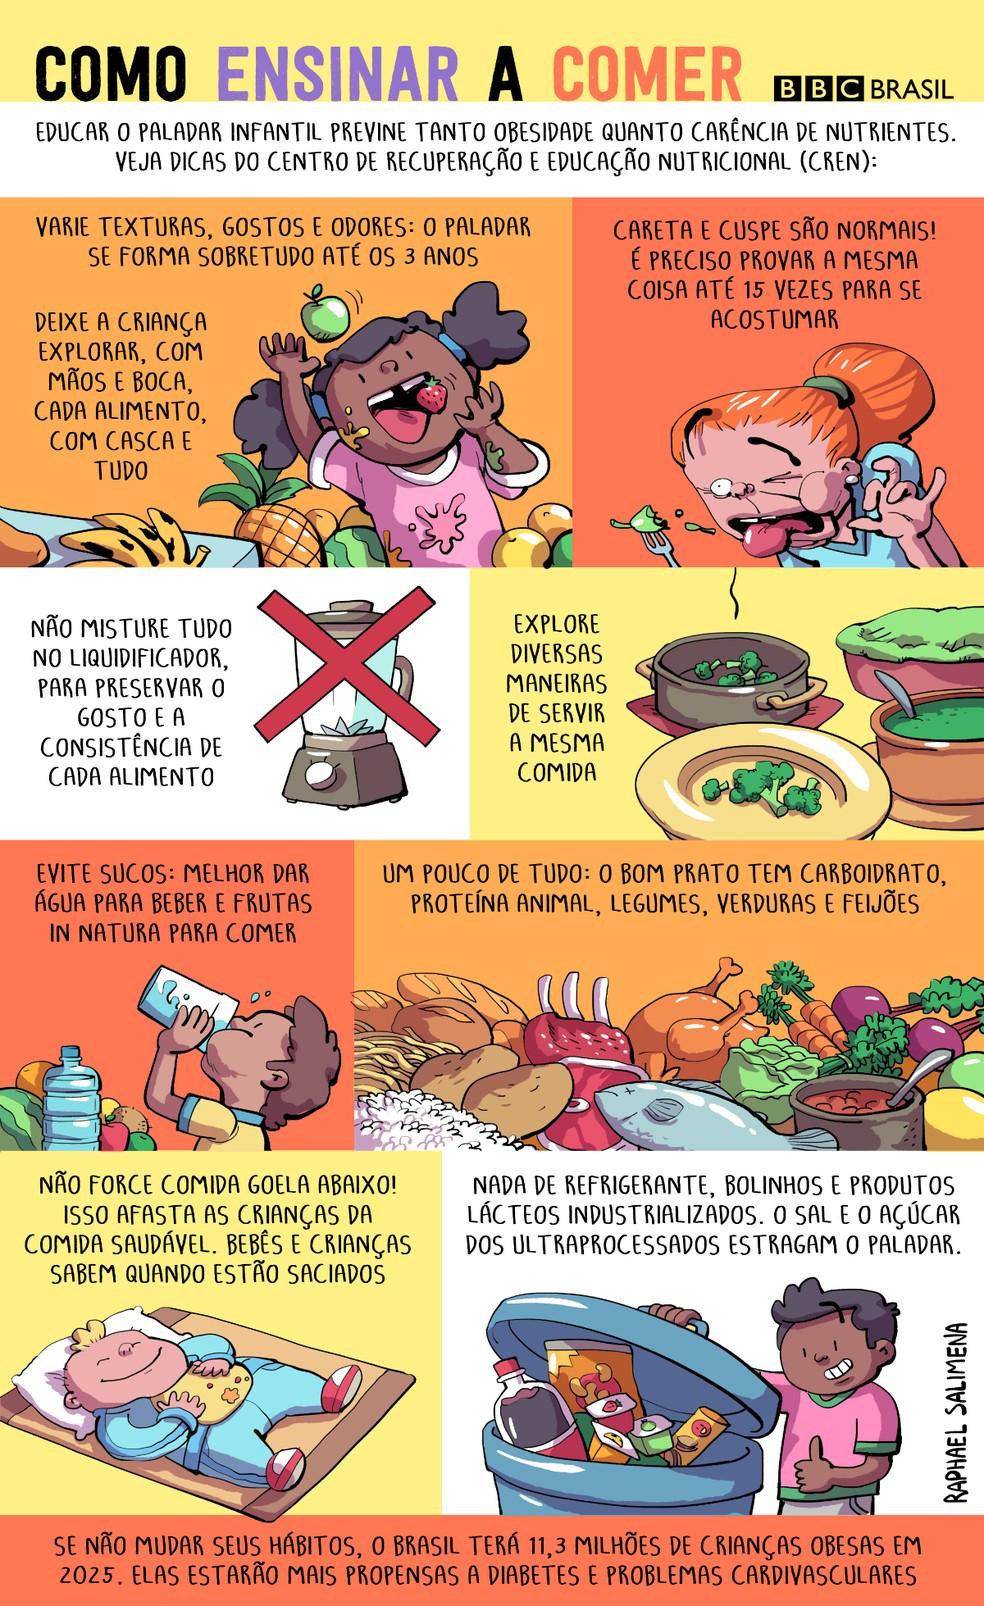 Ilustração traz dicas de introdução alimentar (Foto: Raphael Salimena/BBC Brasil)